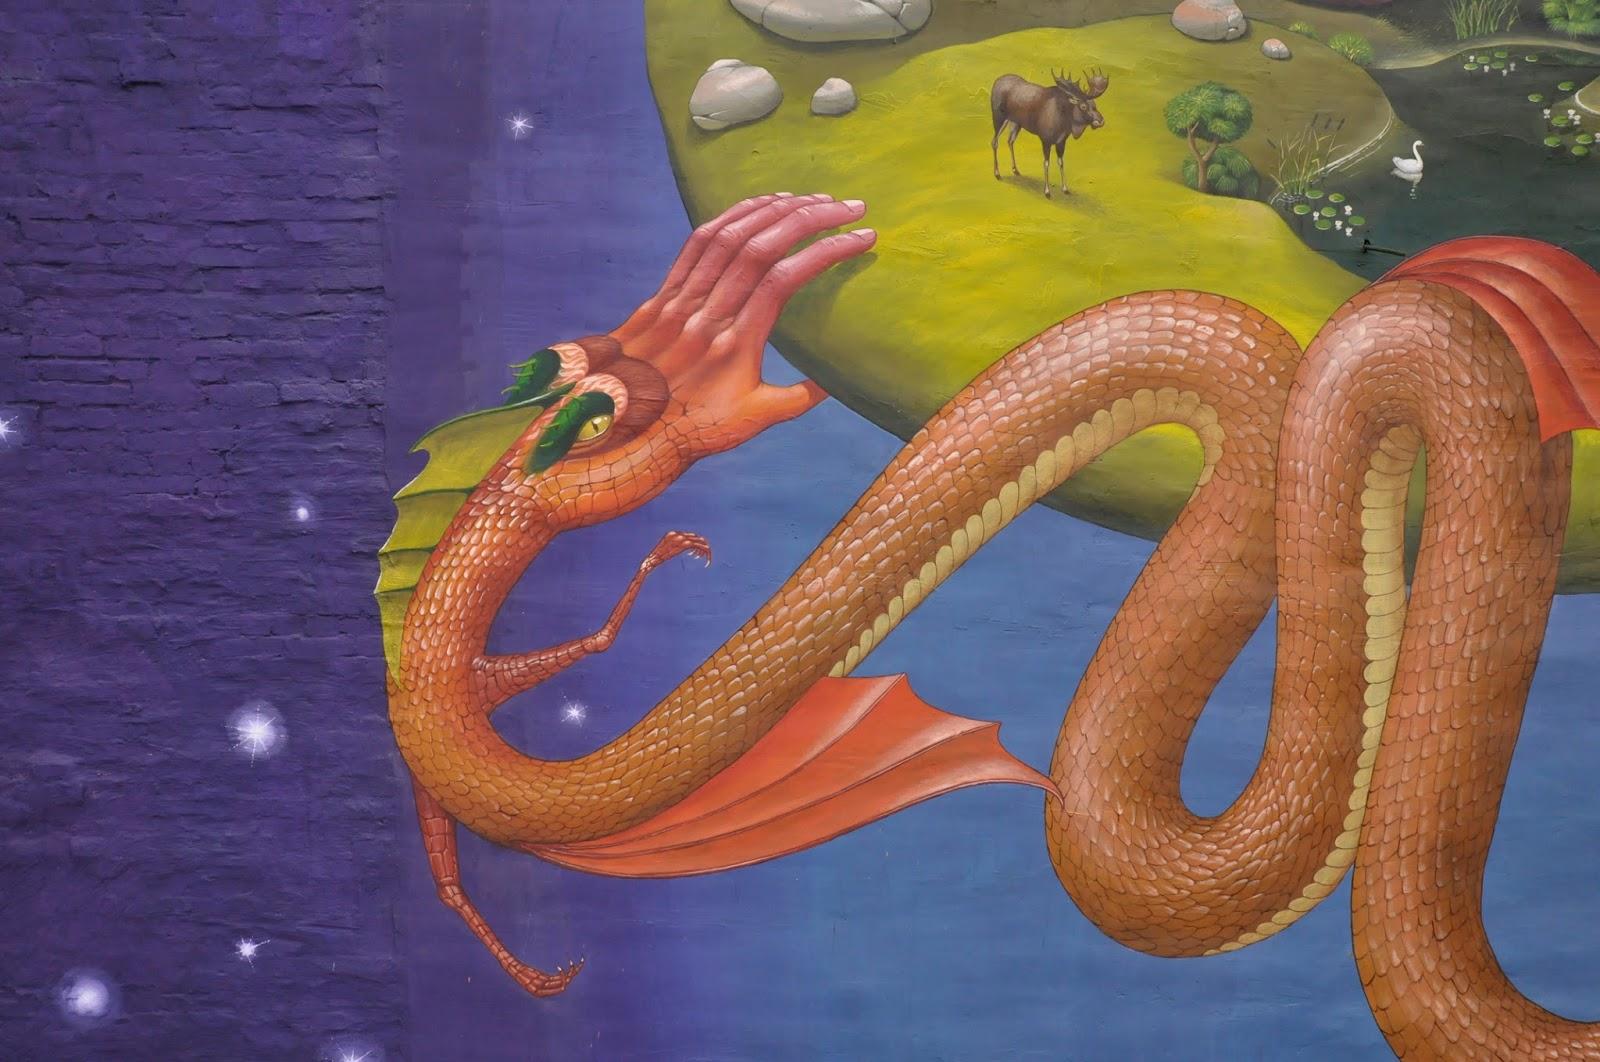 interesni-kazki-mural-in-kiew-ukraine-12